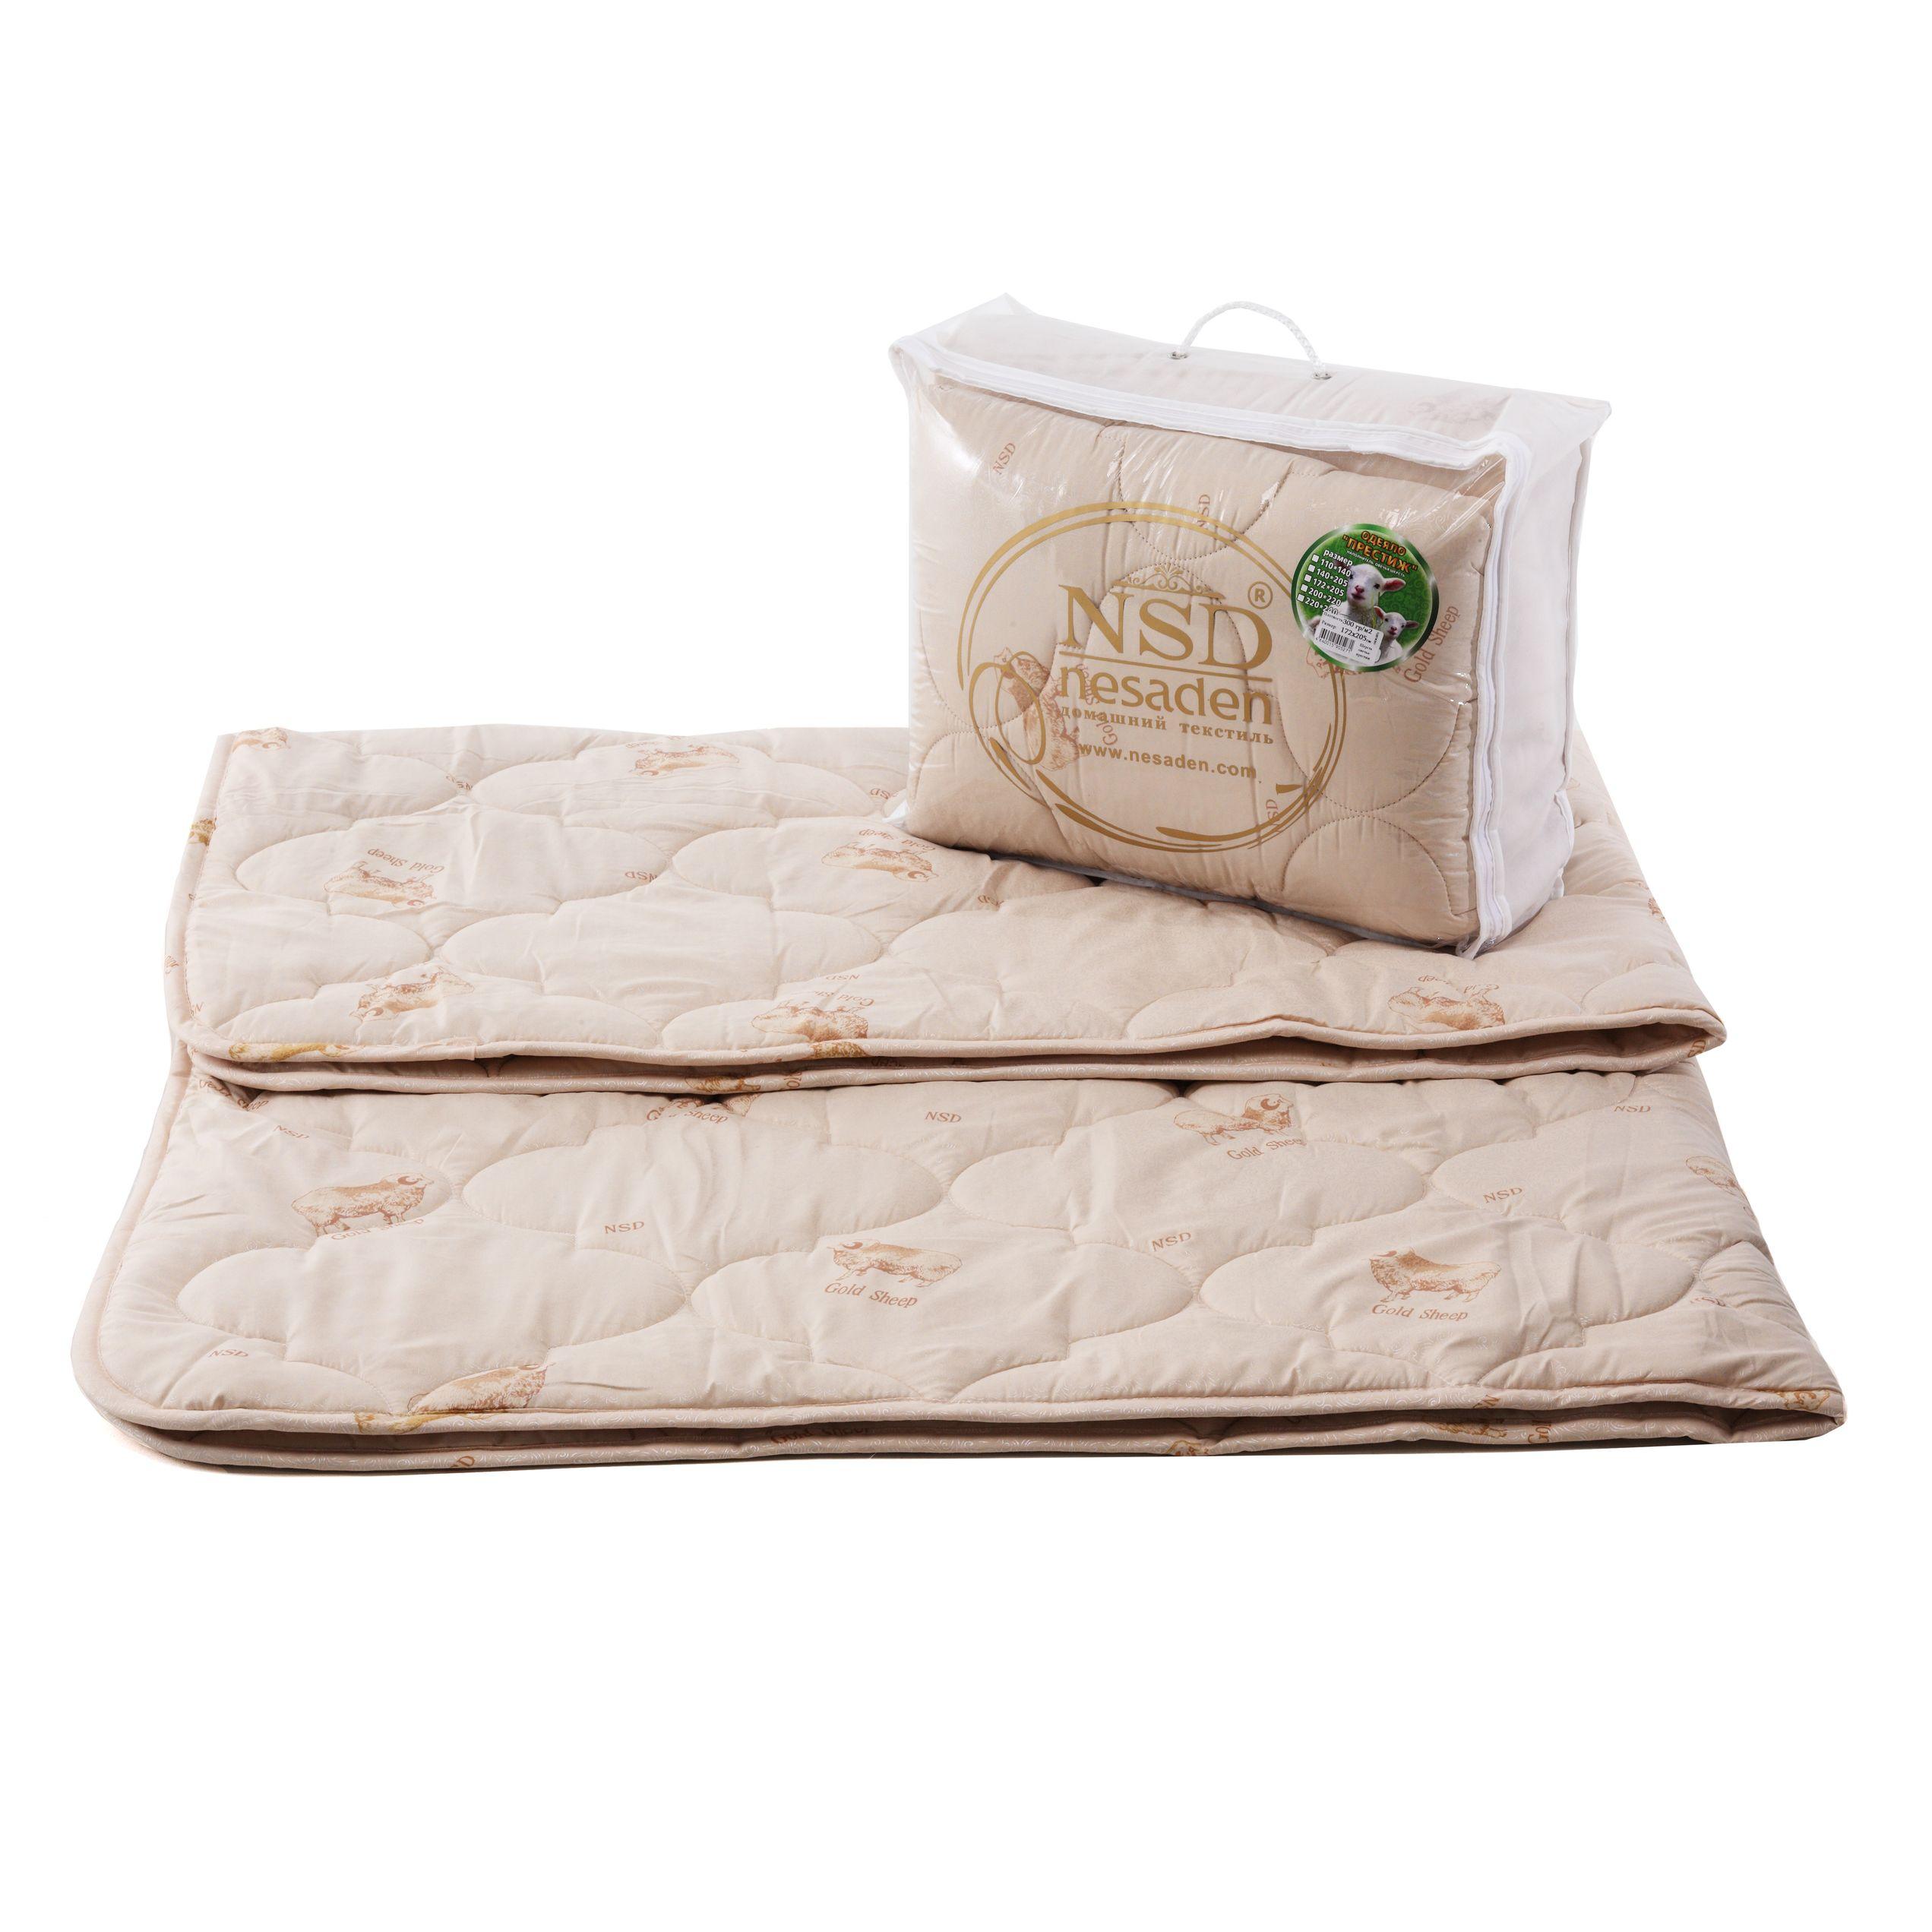 """Одеяло """"Престиж - овечья шерсть"""" глоссатин 300г/м2 чемодан ОПШЕо"""